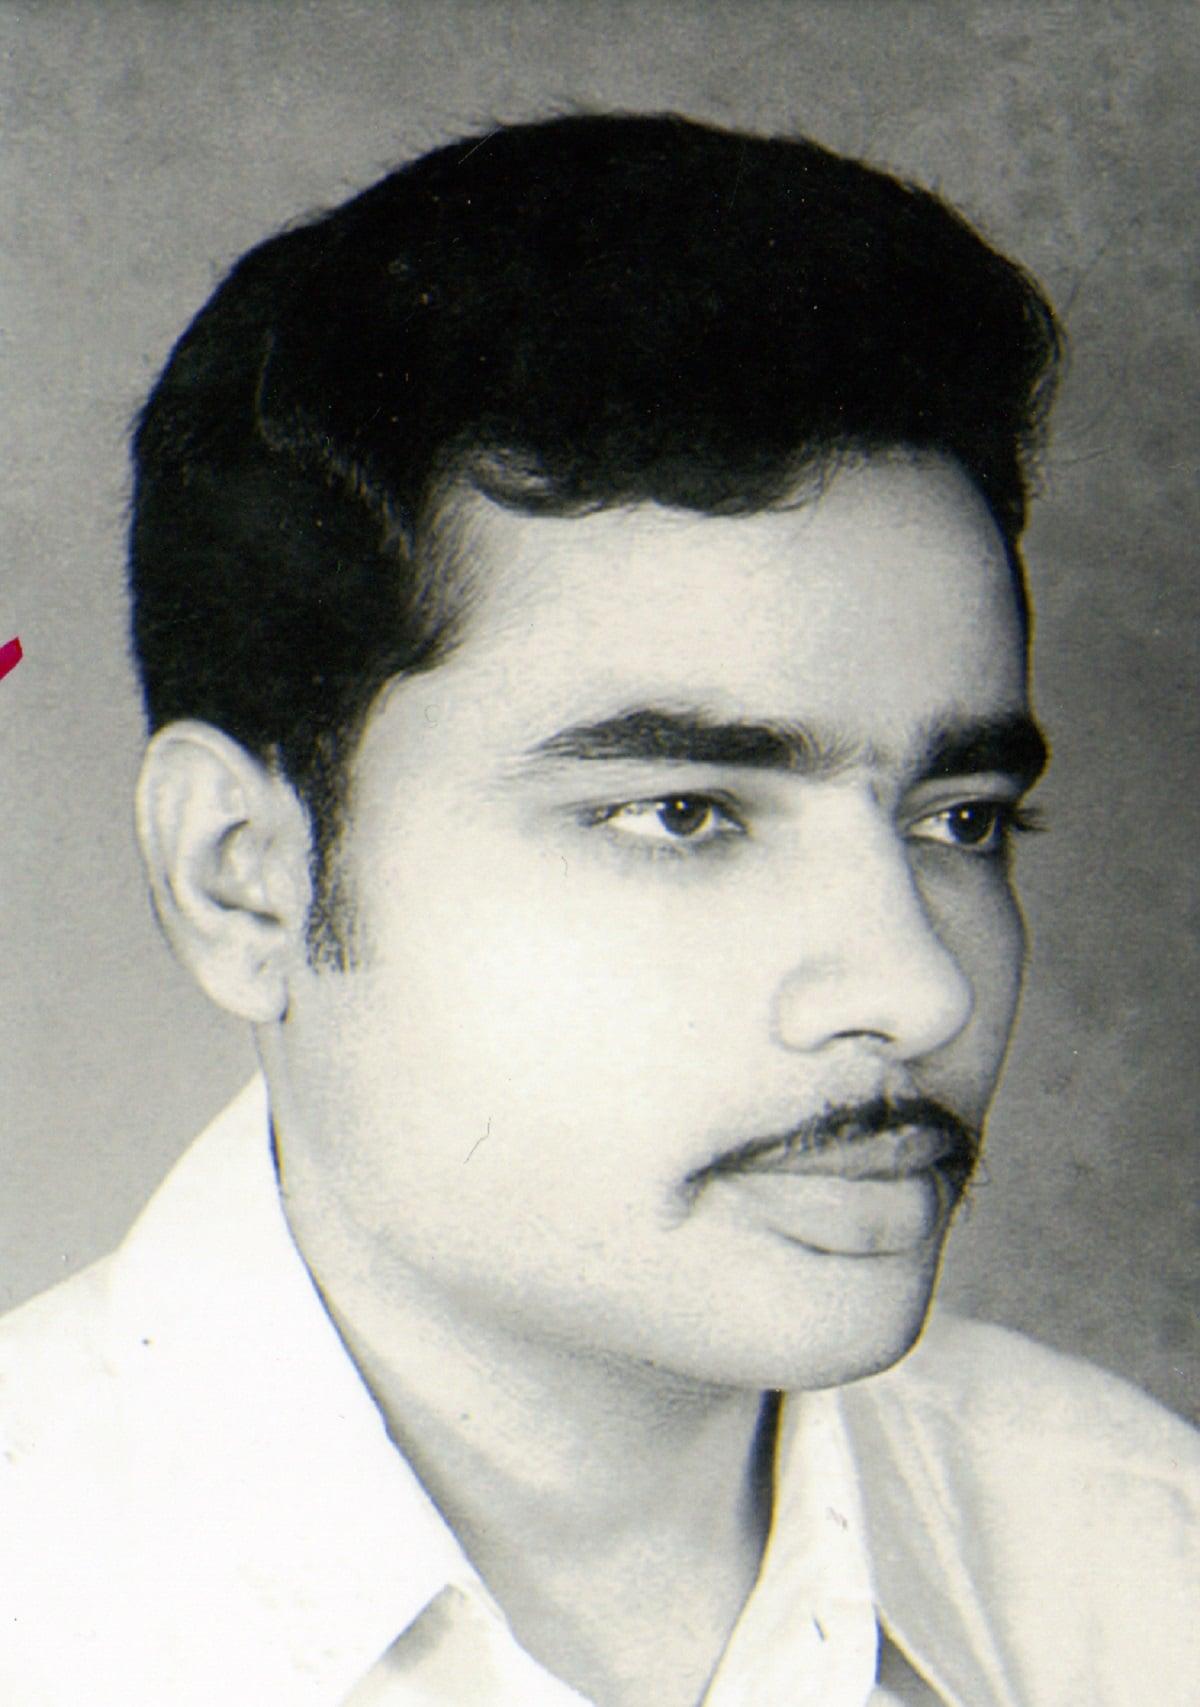 Modi was the general secretary of the